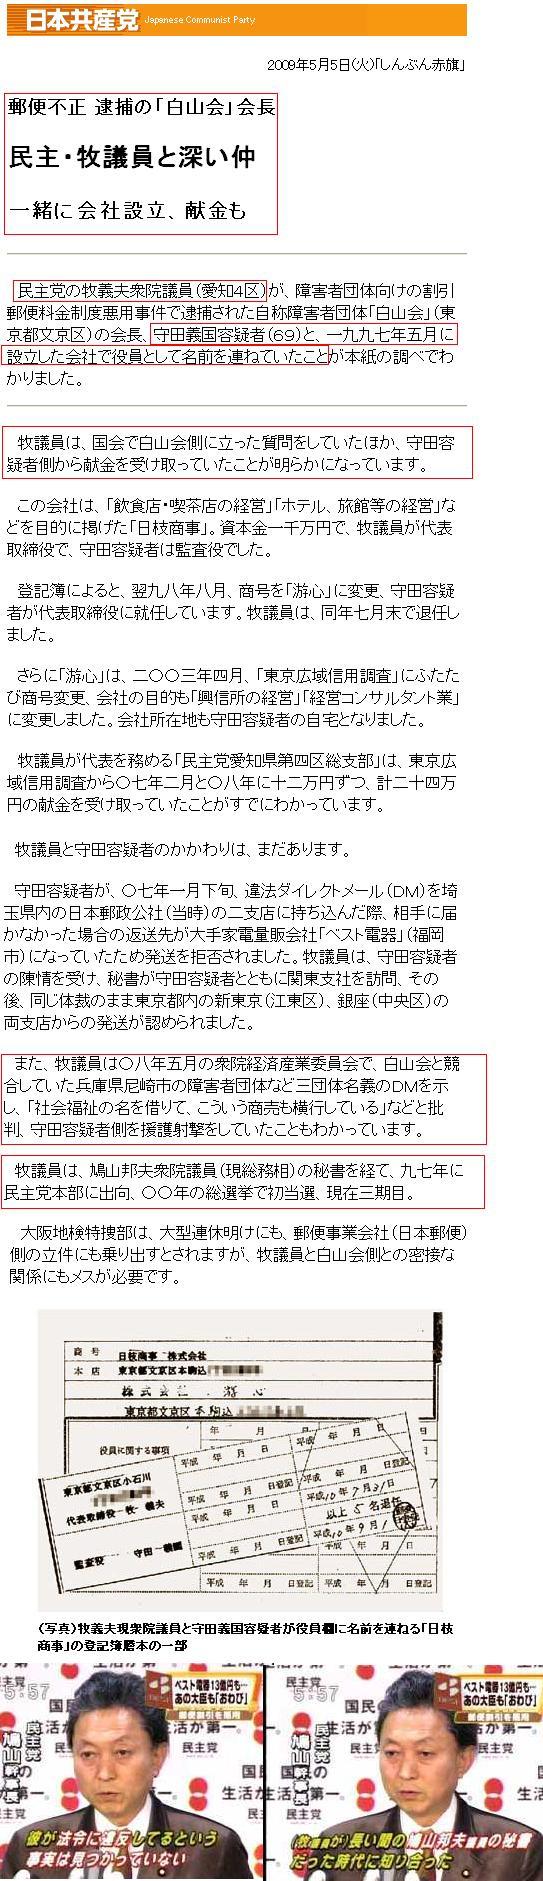 makiyoshiominshufusei2.jpg